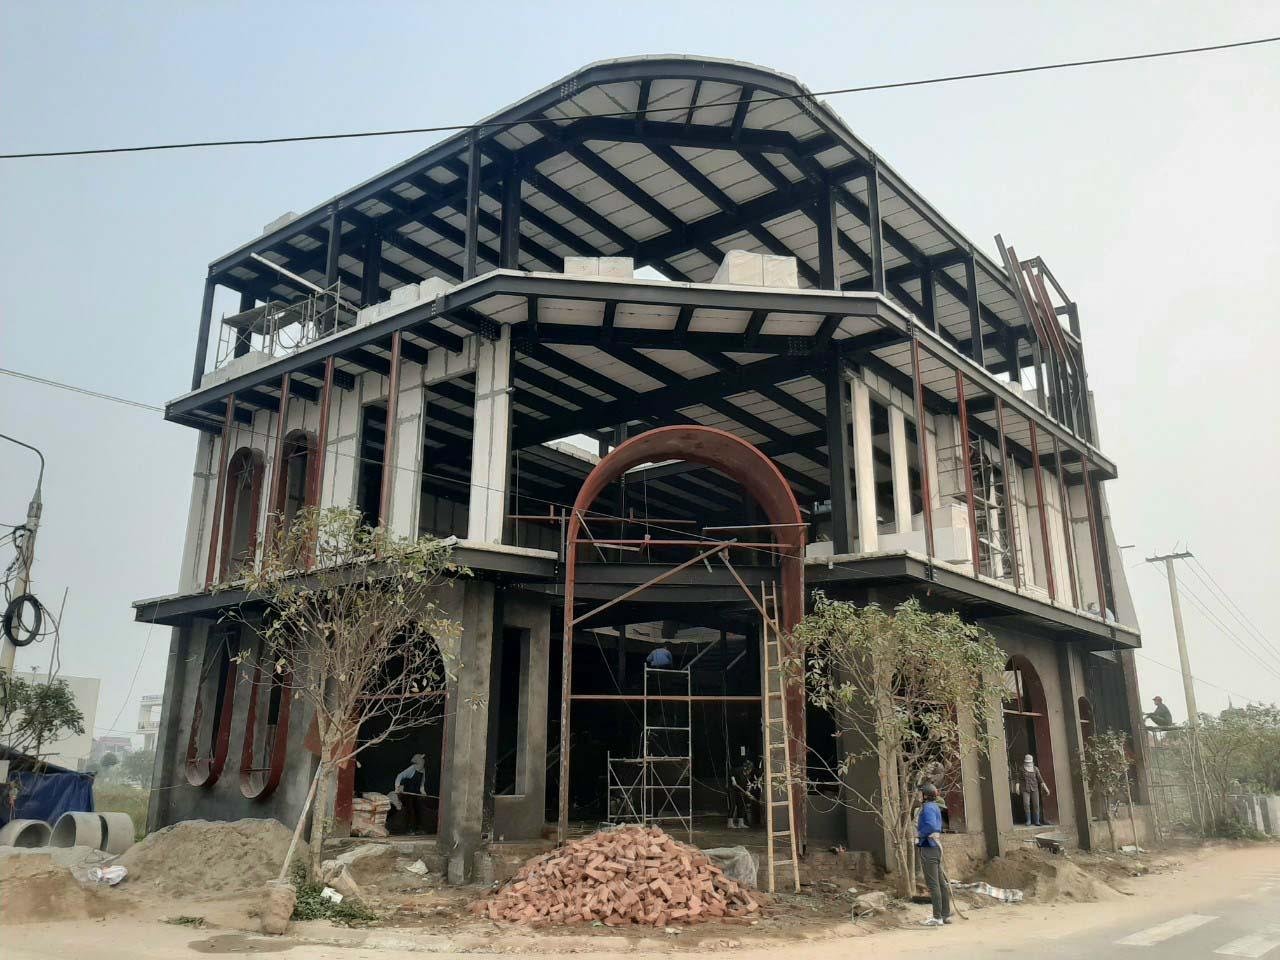 Giải pháp thi công bê tông khí chưng áp kết hợp nhà khung thép tiền chế tại Xuân Trường - Nam Định